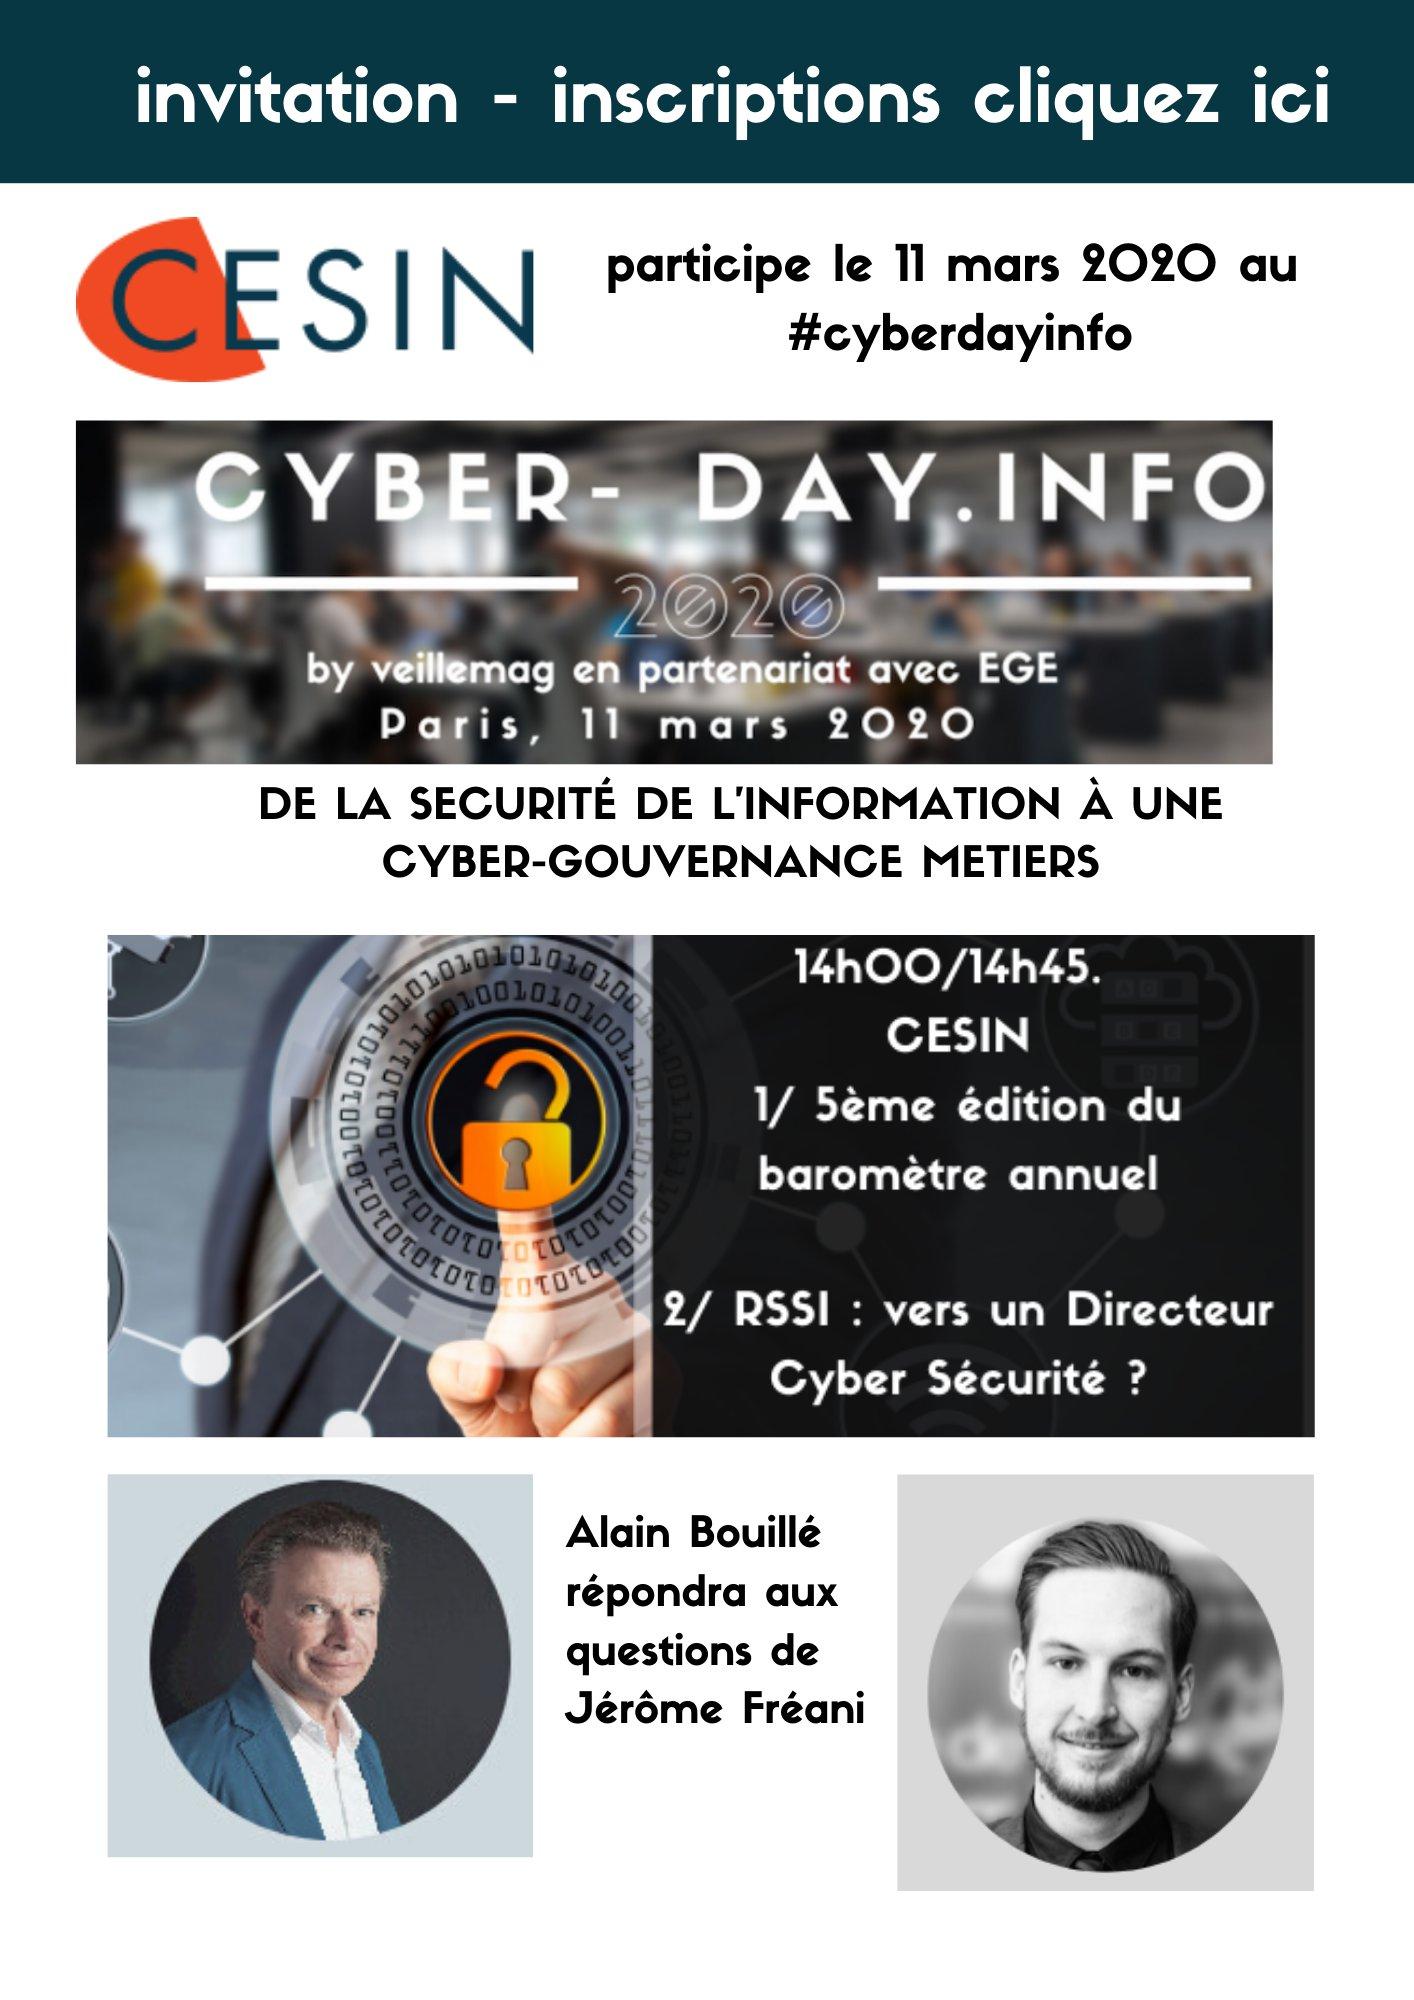 Invitation.  14h00/14h45. CESIN - 1/ 5ème édition du baromètre annuel - 2/ De l'urgence de nommer des Directeurs Cybersécurité ?